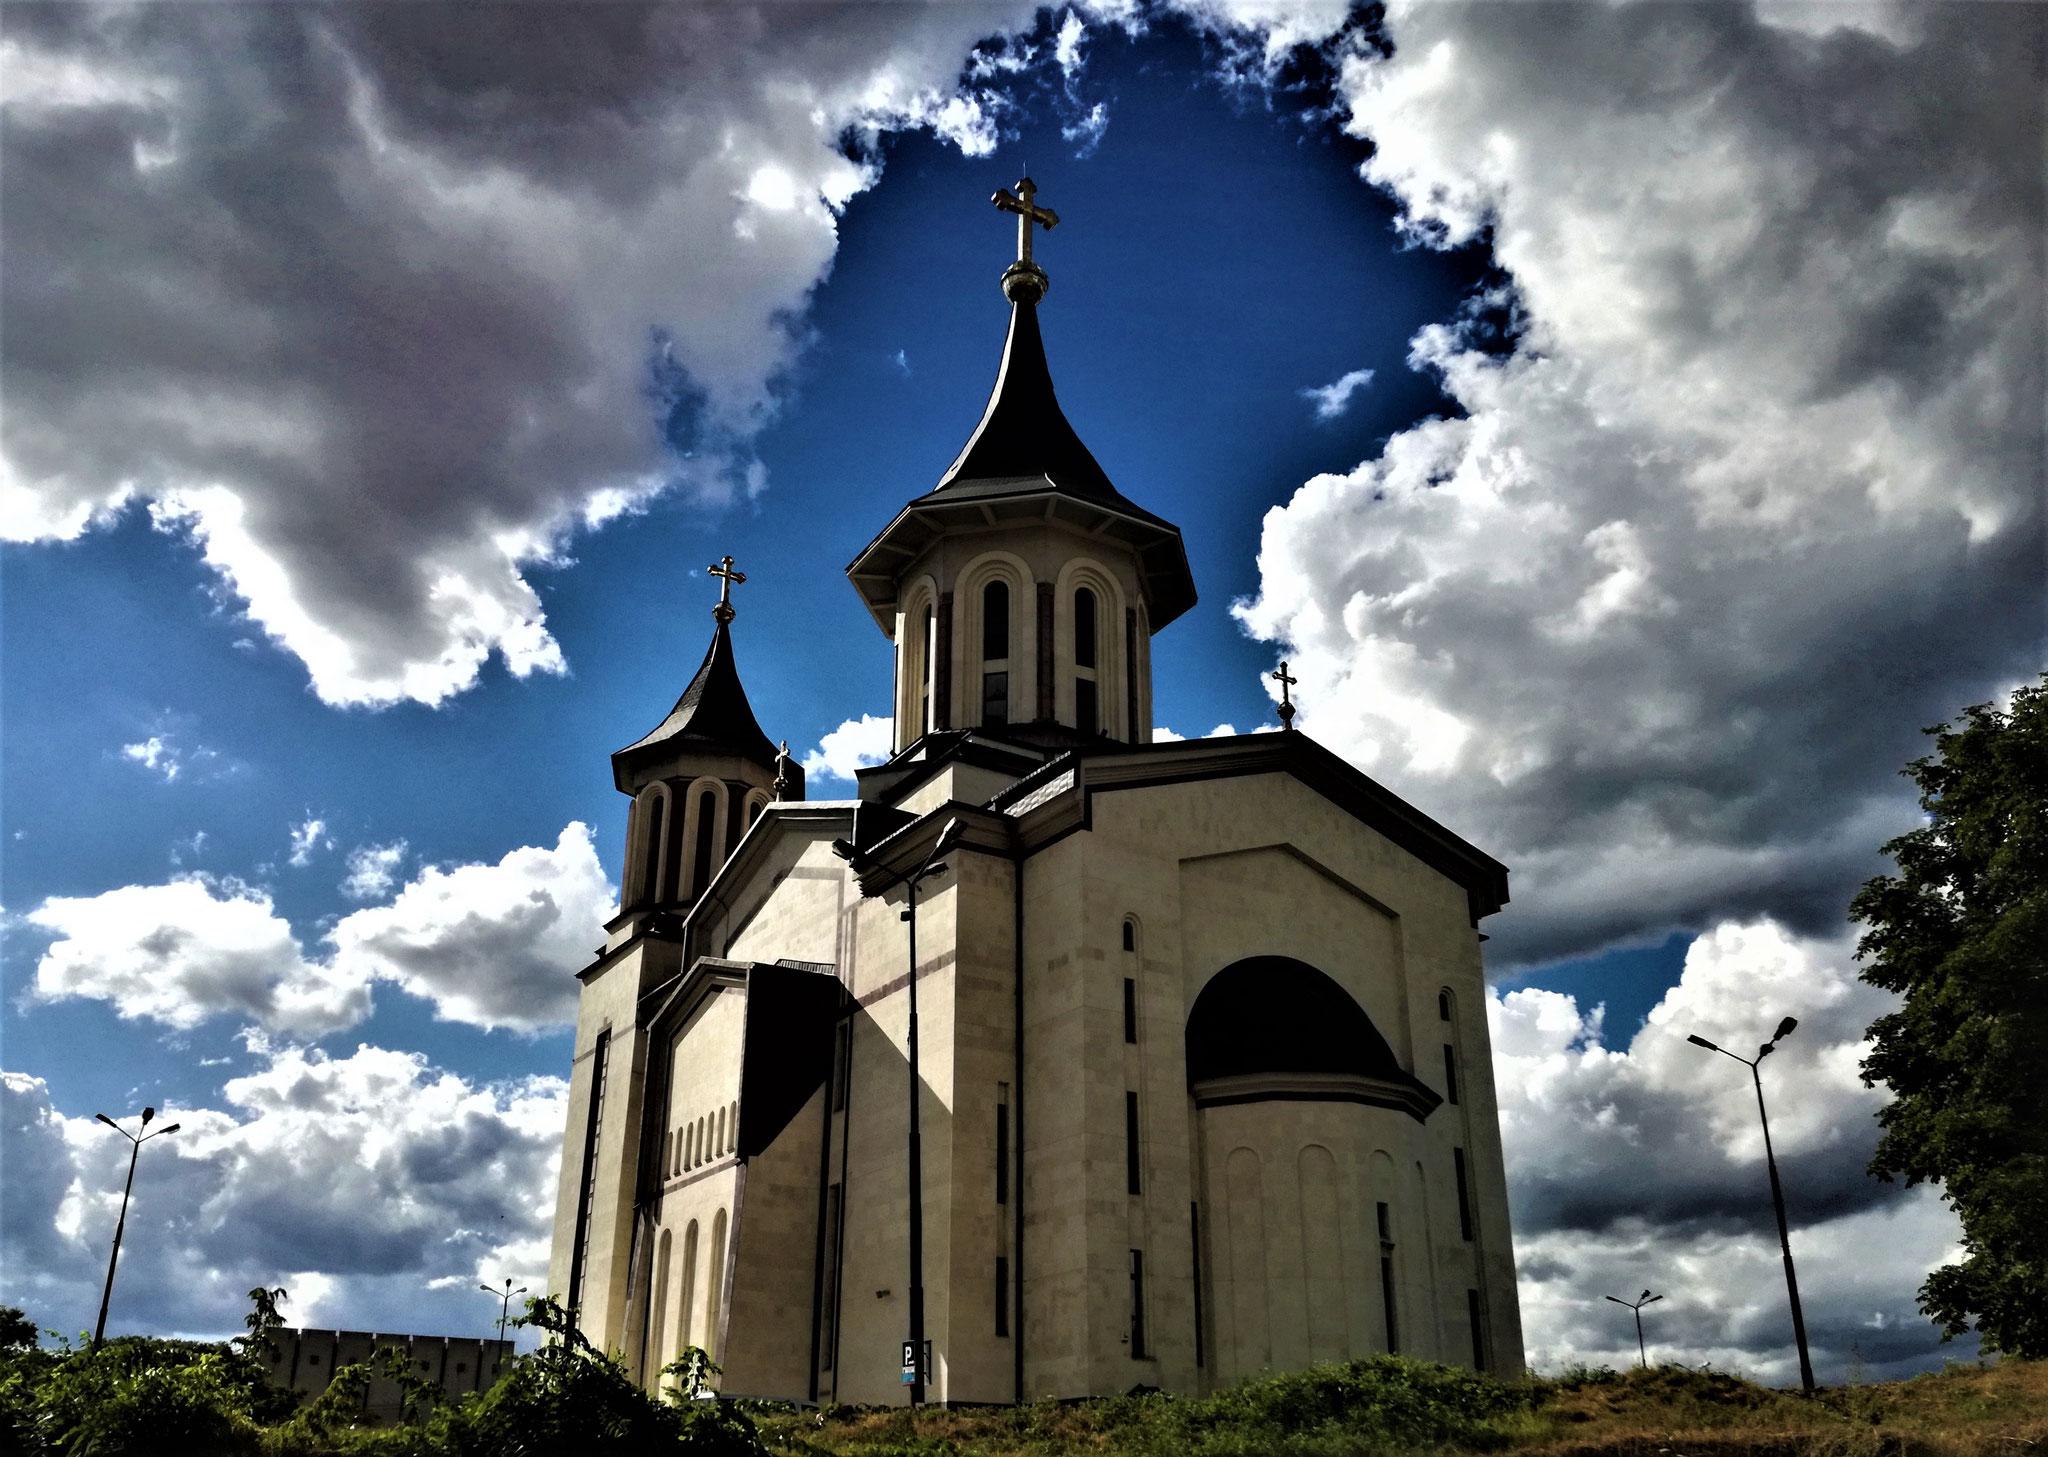 Foto: Ștefan Tóth István AFIAP